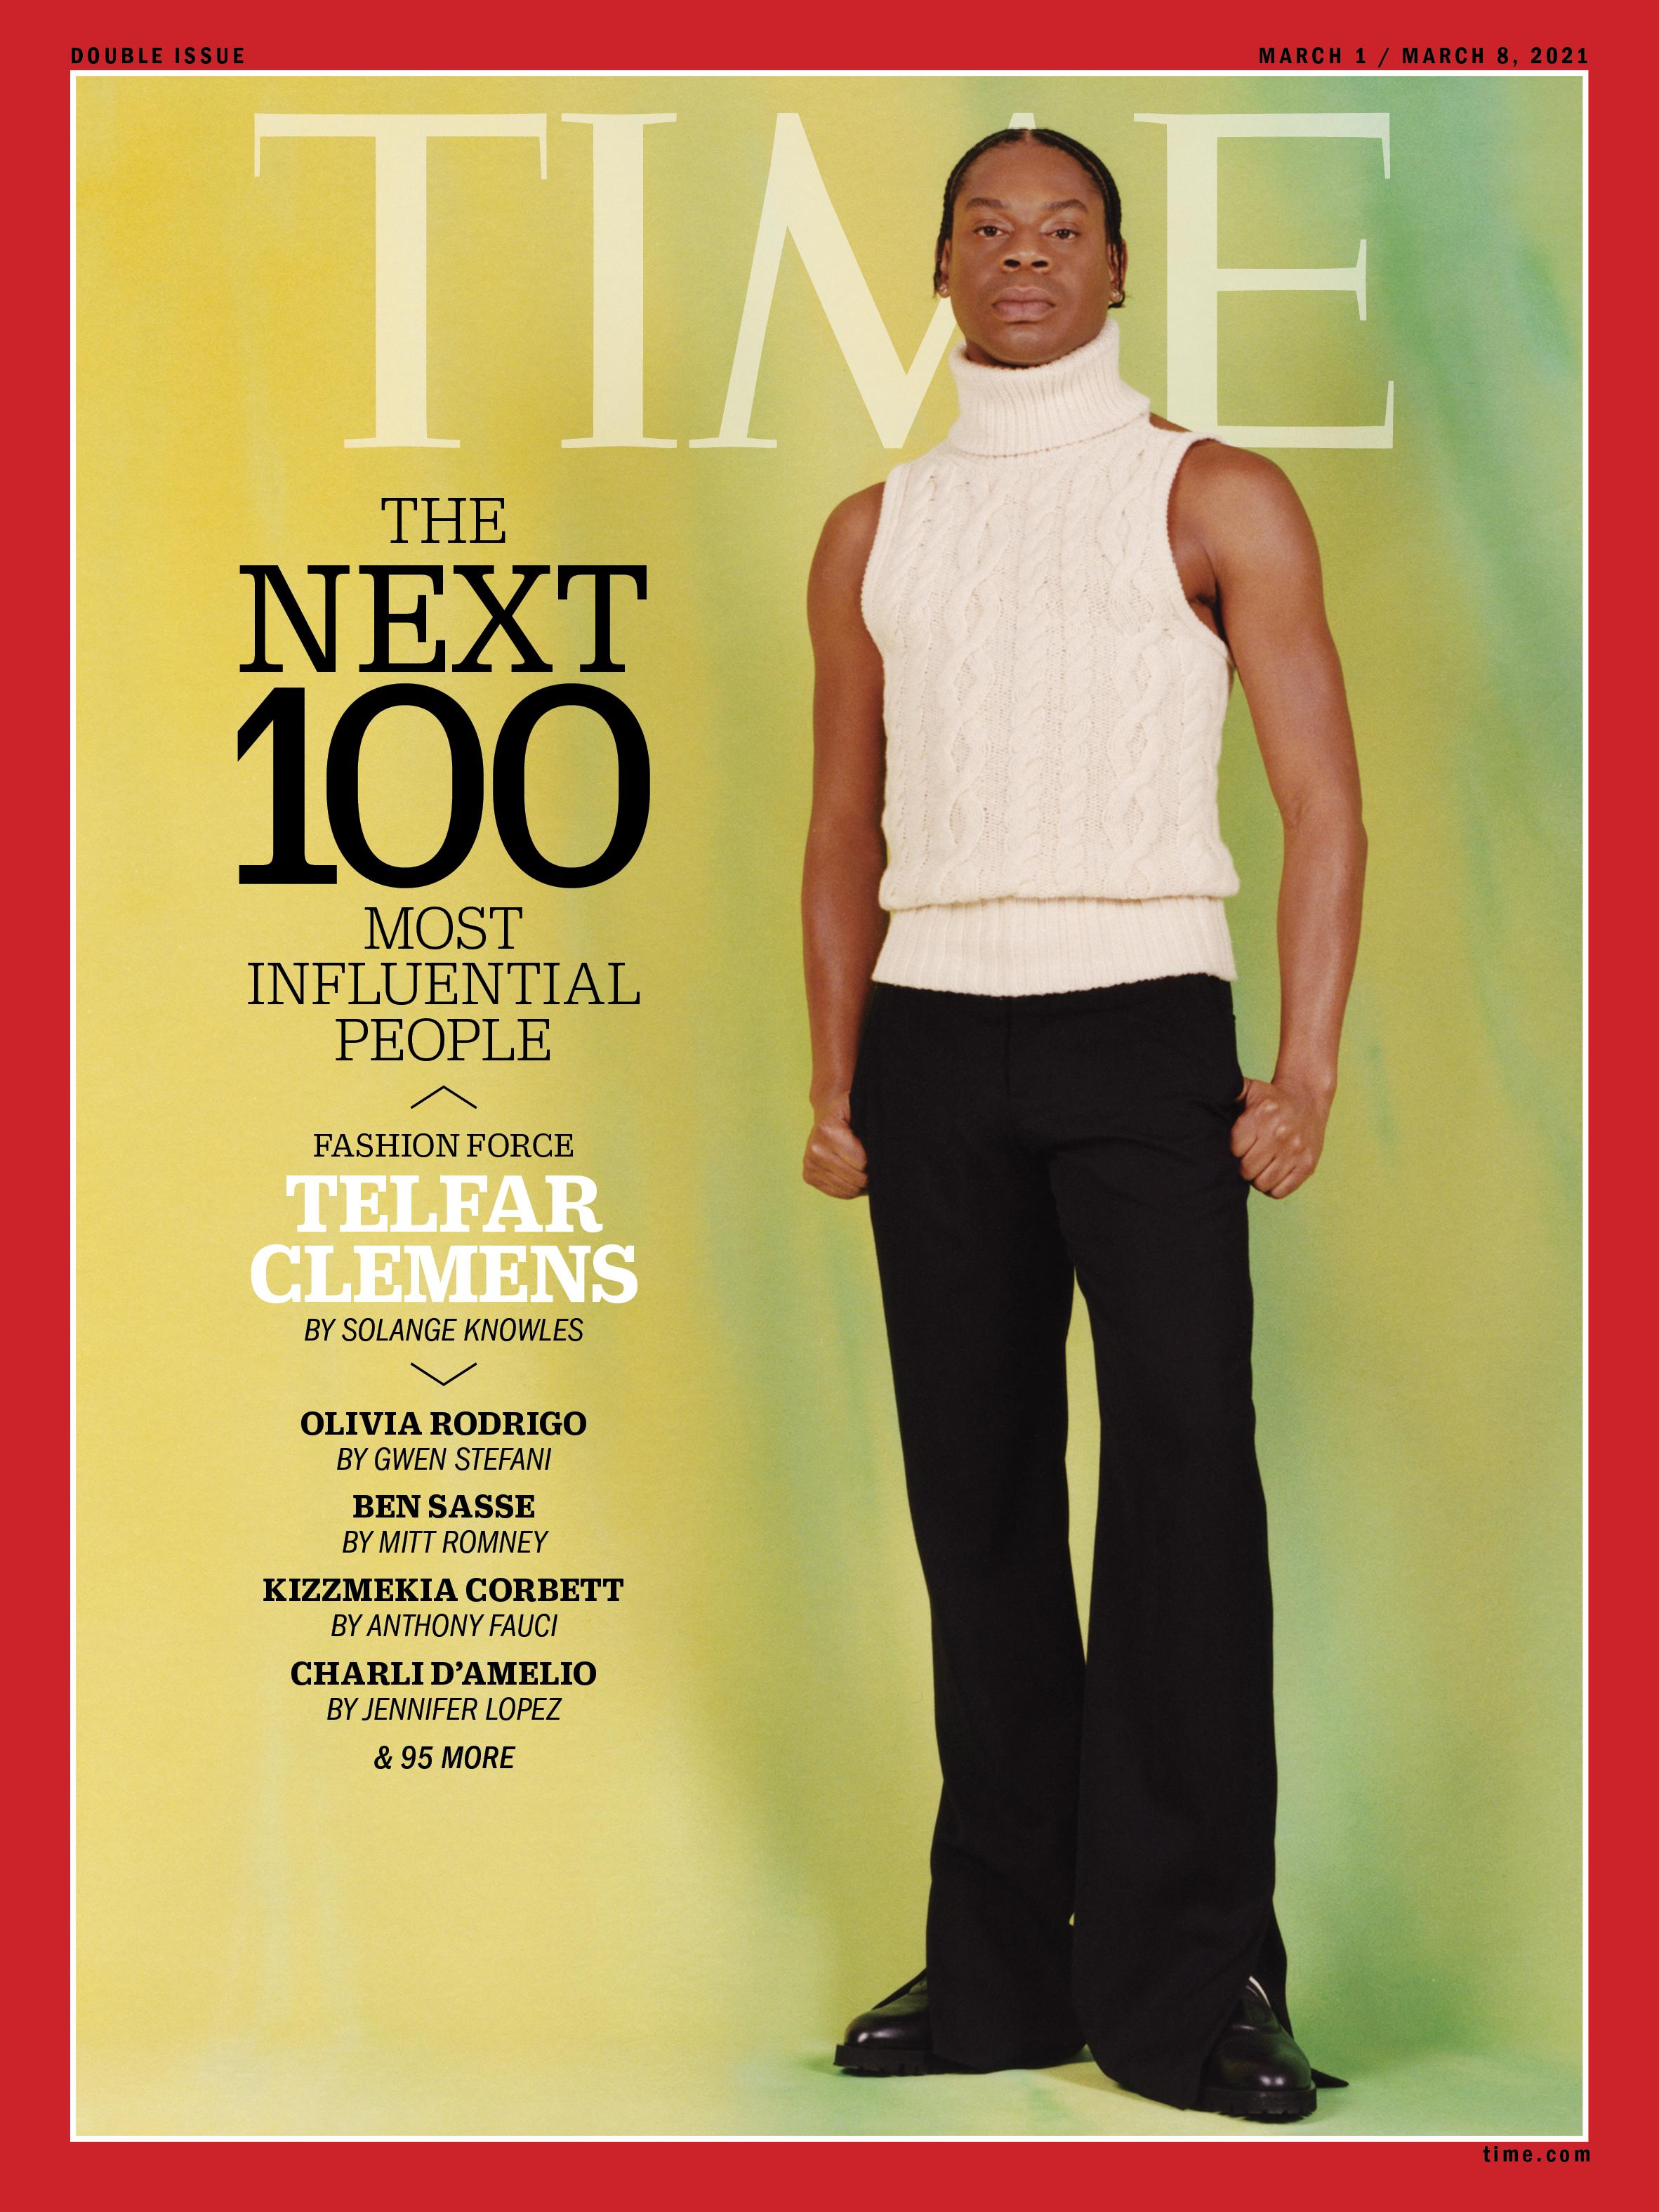 Telfar Clemens từng vào top 100 người ảnh hưởng của tạp chí Times, nhưng anh chỉ thật sự được biết đến rộng rãi hơn qua bộ trang phục phá cách cho đoàn Libertia tại Olympic 2020. Ảnh: Time.com